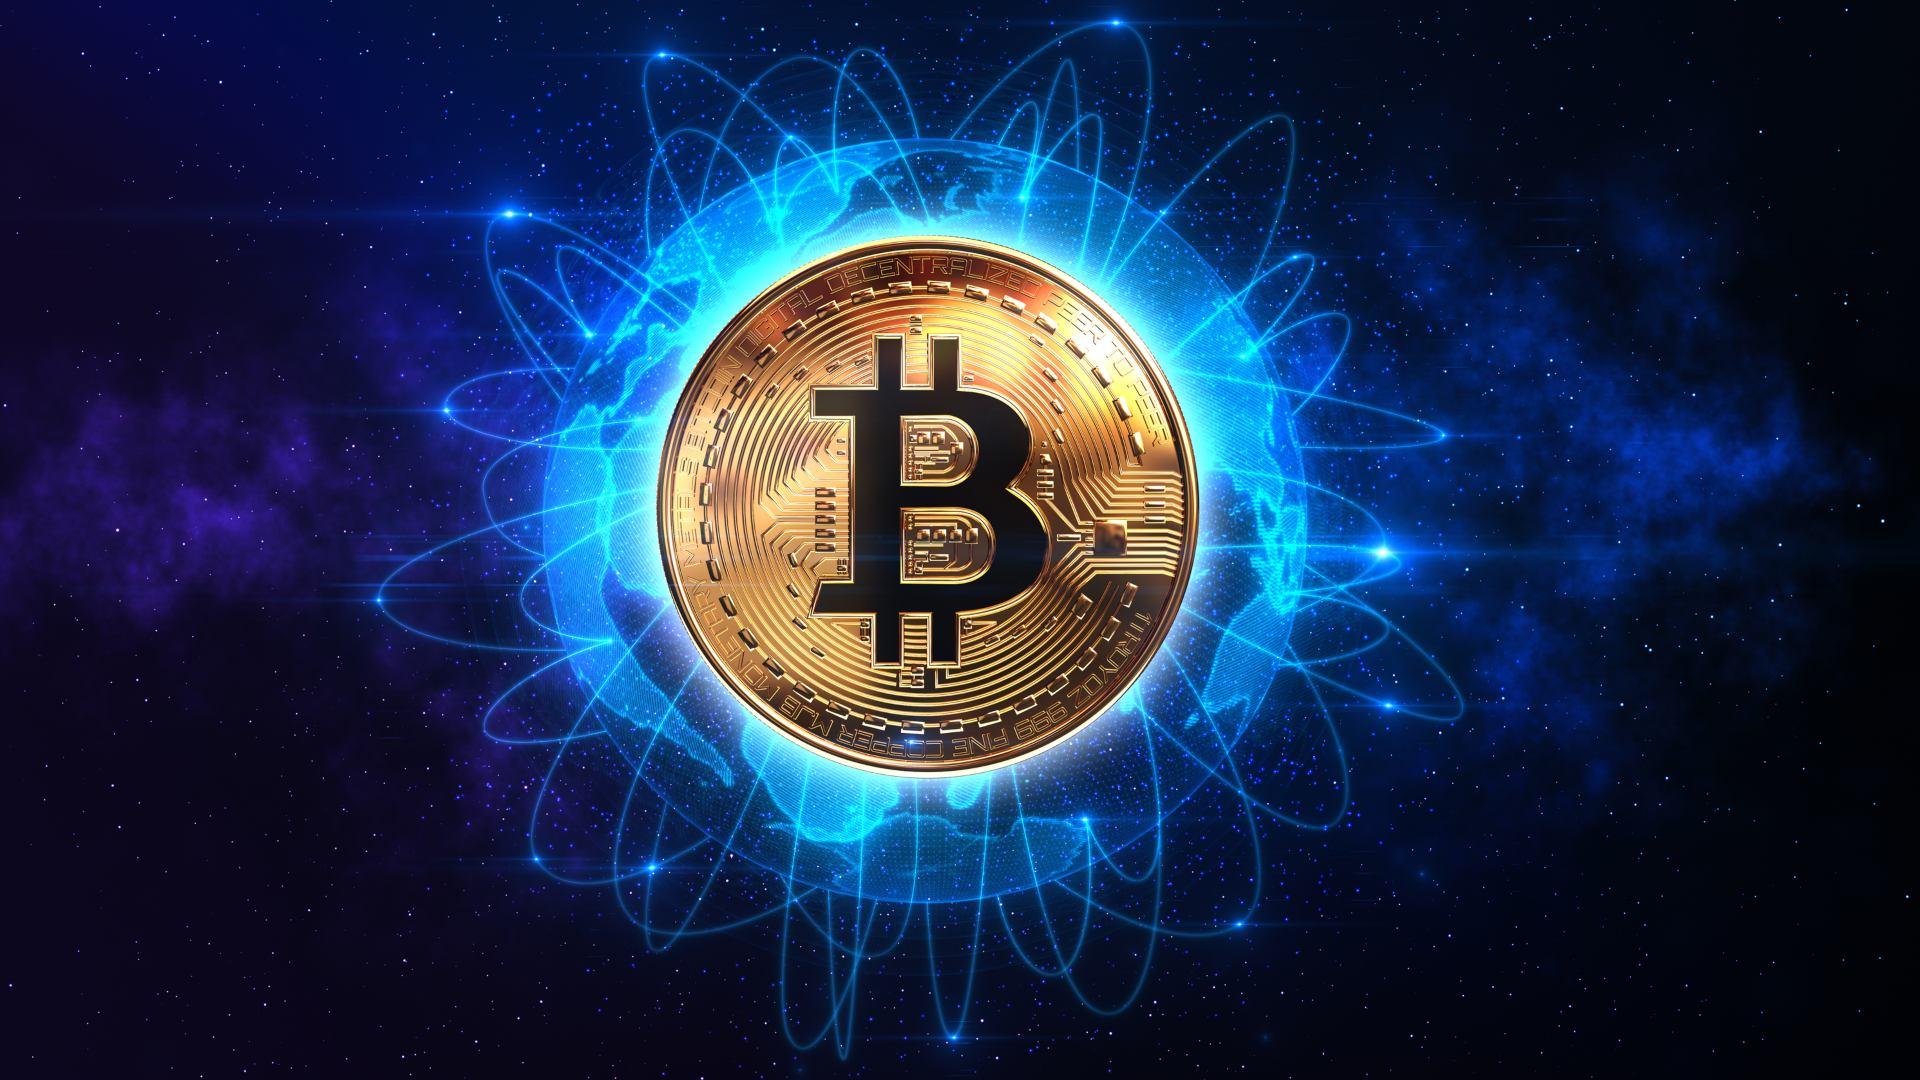 Bitcoin il vero unicorno del decennio: batte Uber, Airbnb e Snapchat